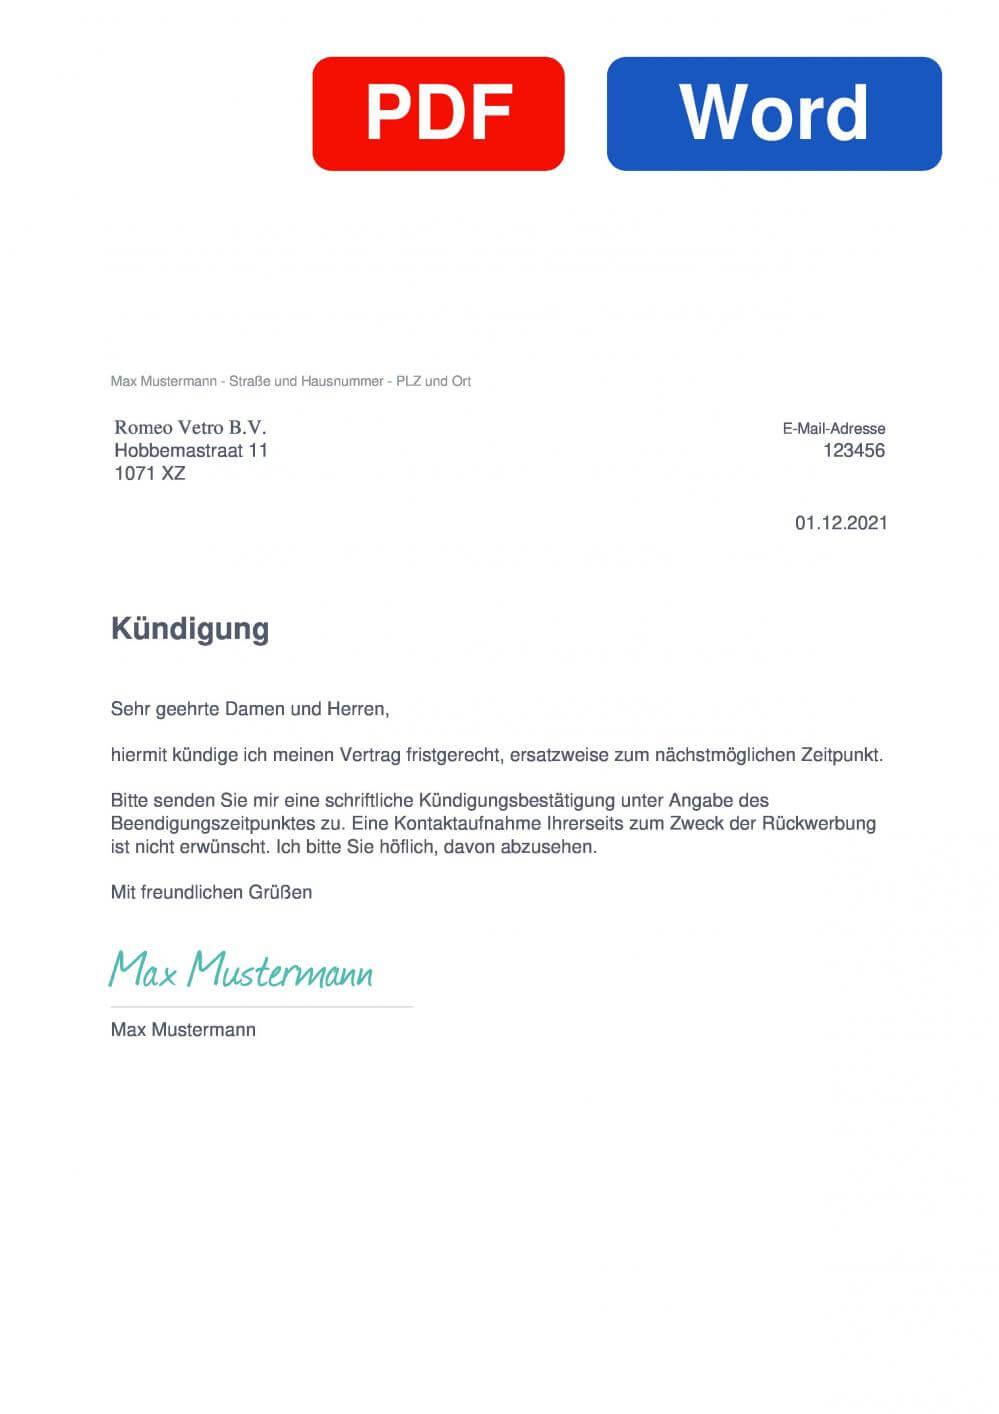 Planetromeo Muster Vorlage für Kündigungsschreiben